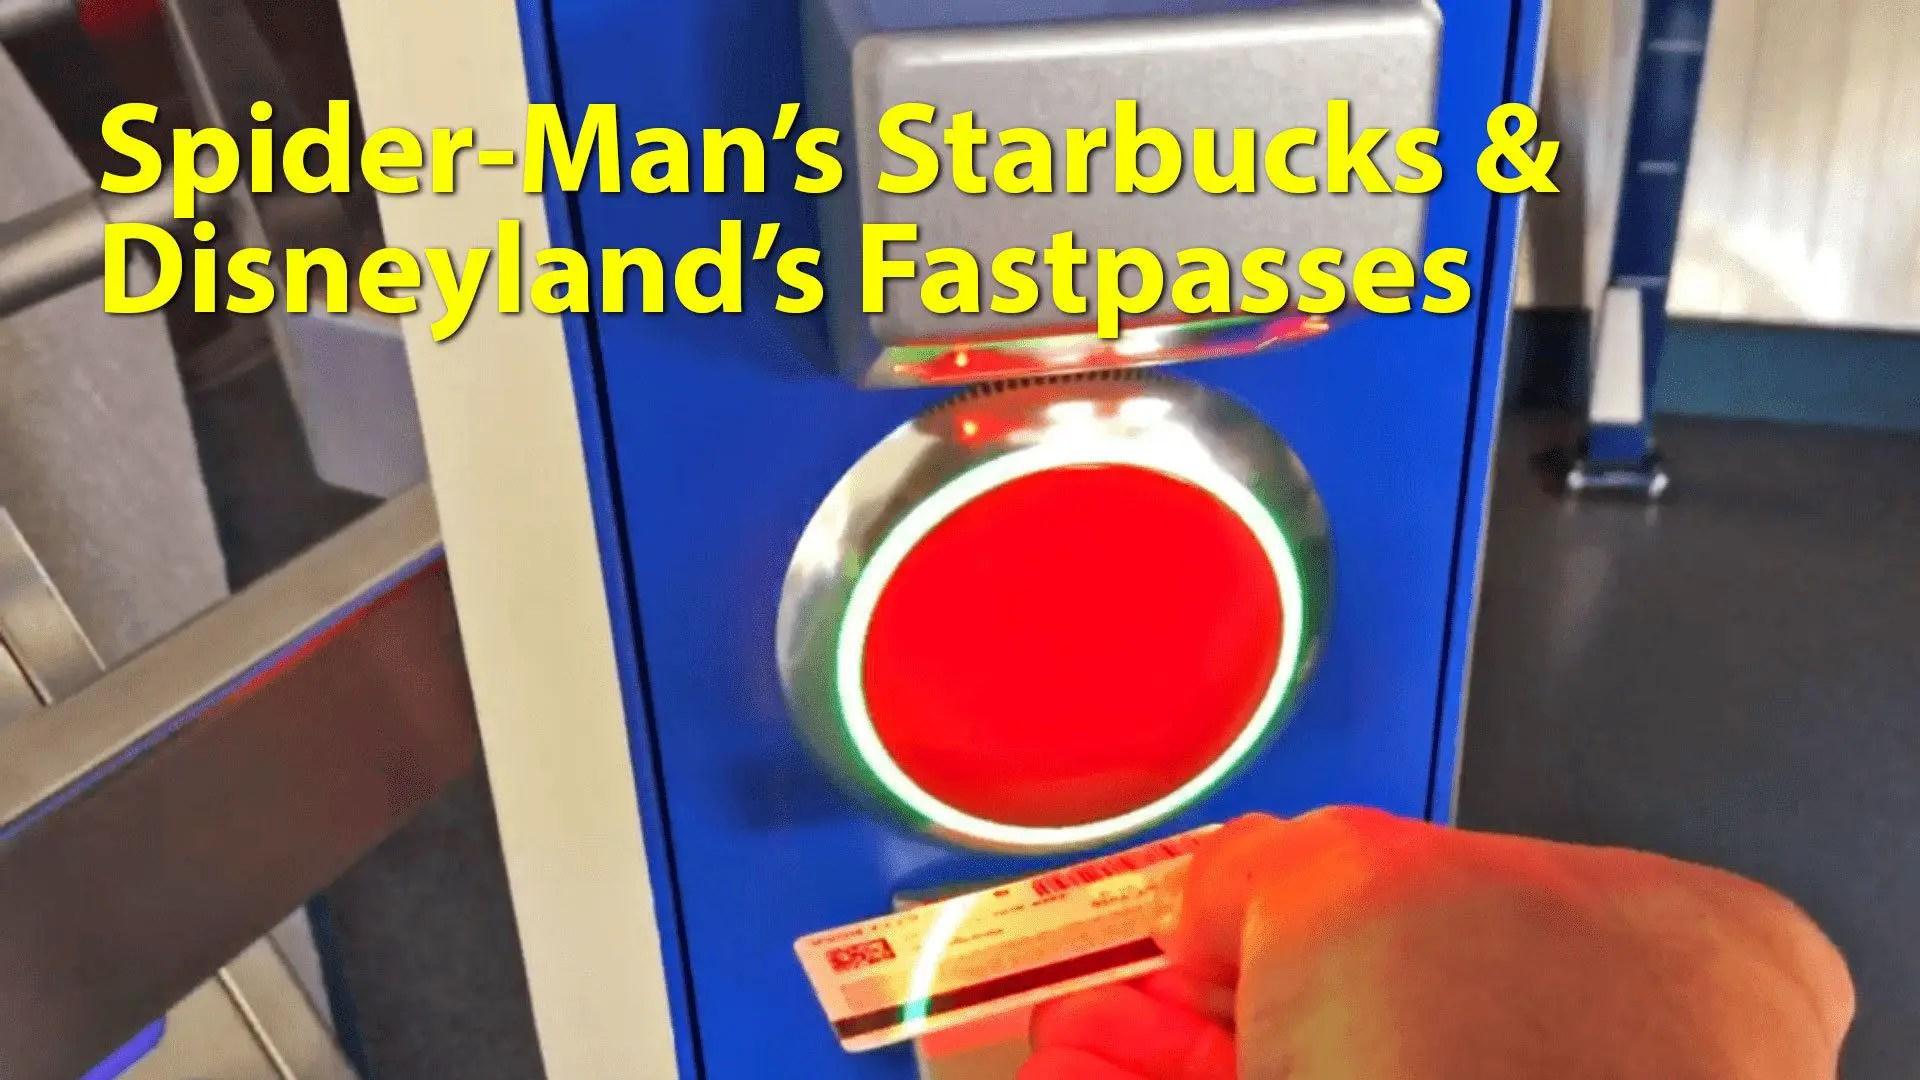 Spider-Man's Starbucks & Disneyland's Fastpass - Geeks Corner - Episode 639